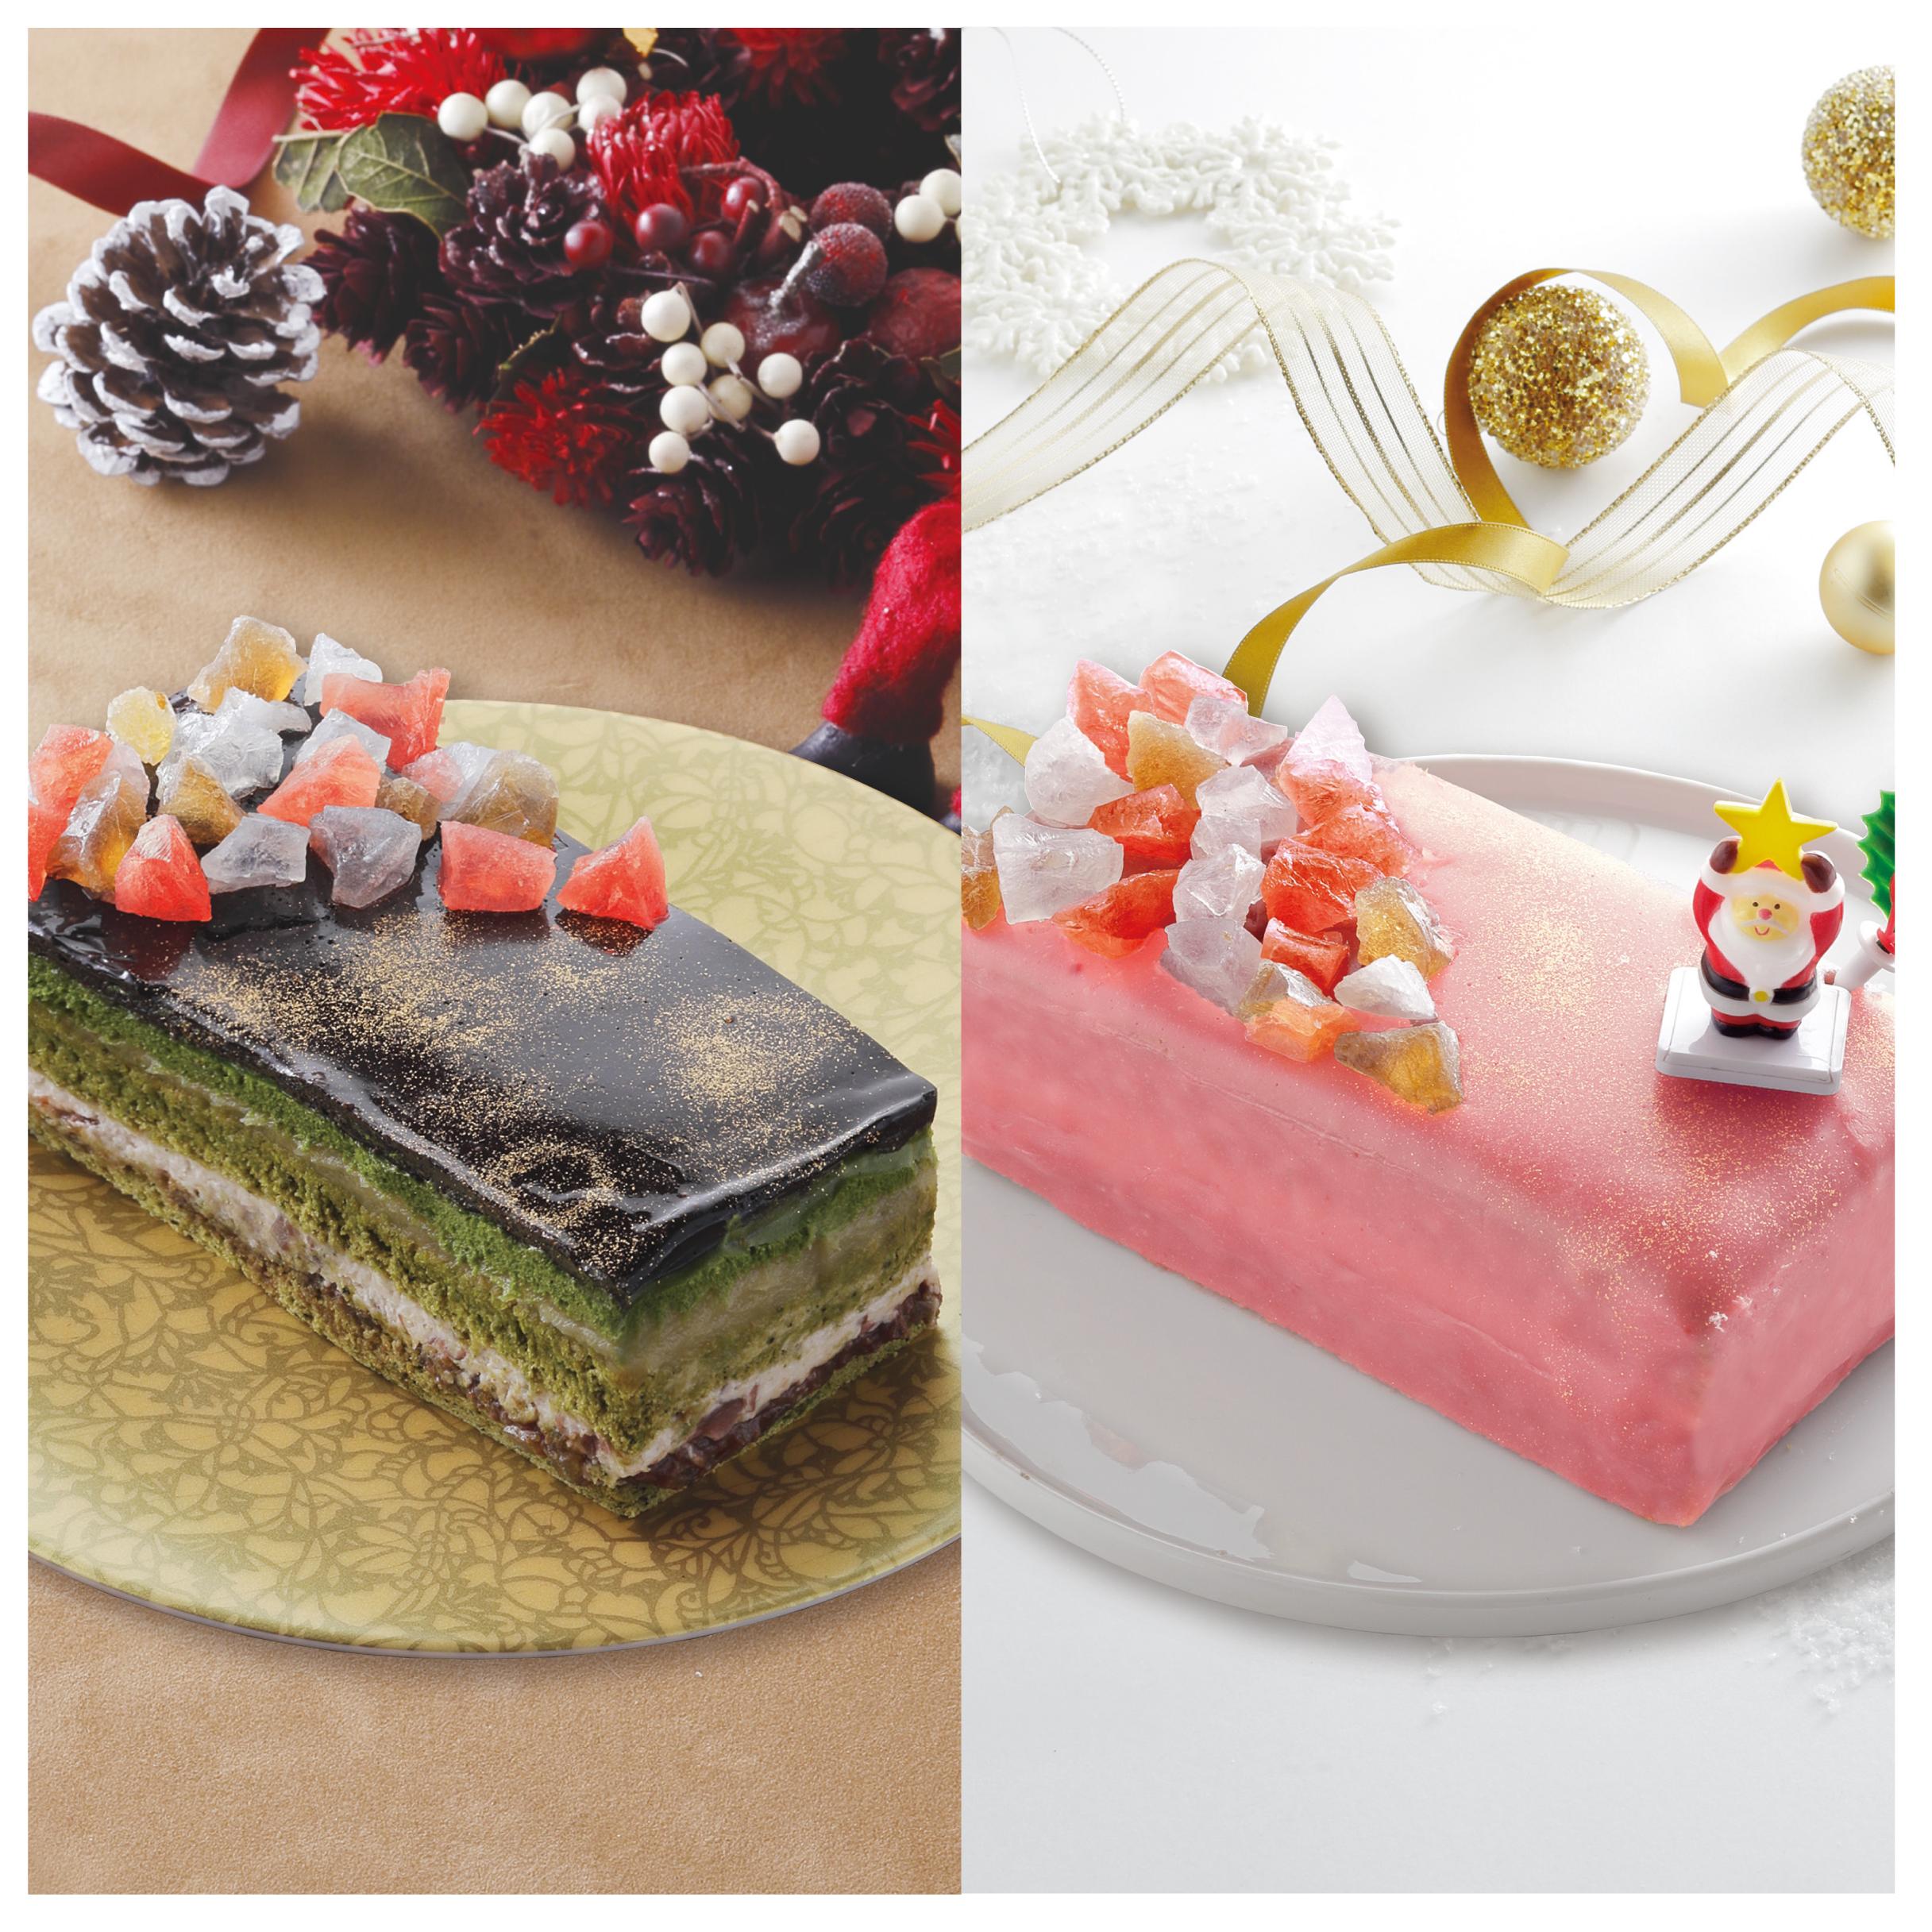 クリスマスケーキのご案内 vol.1 ご予約締切は12/20(金)まで!